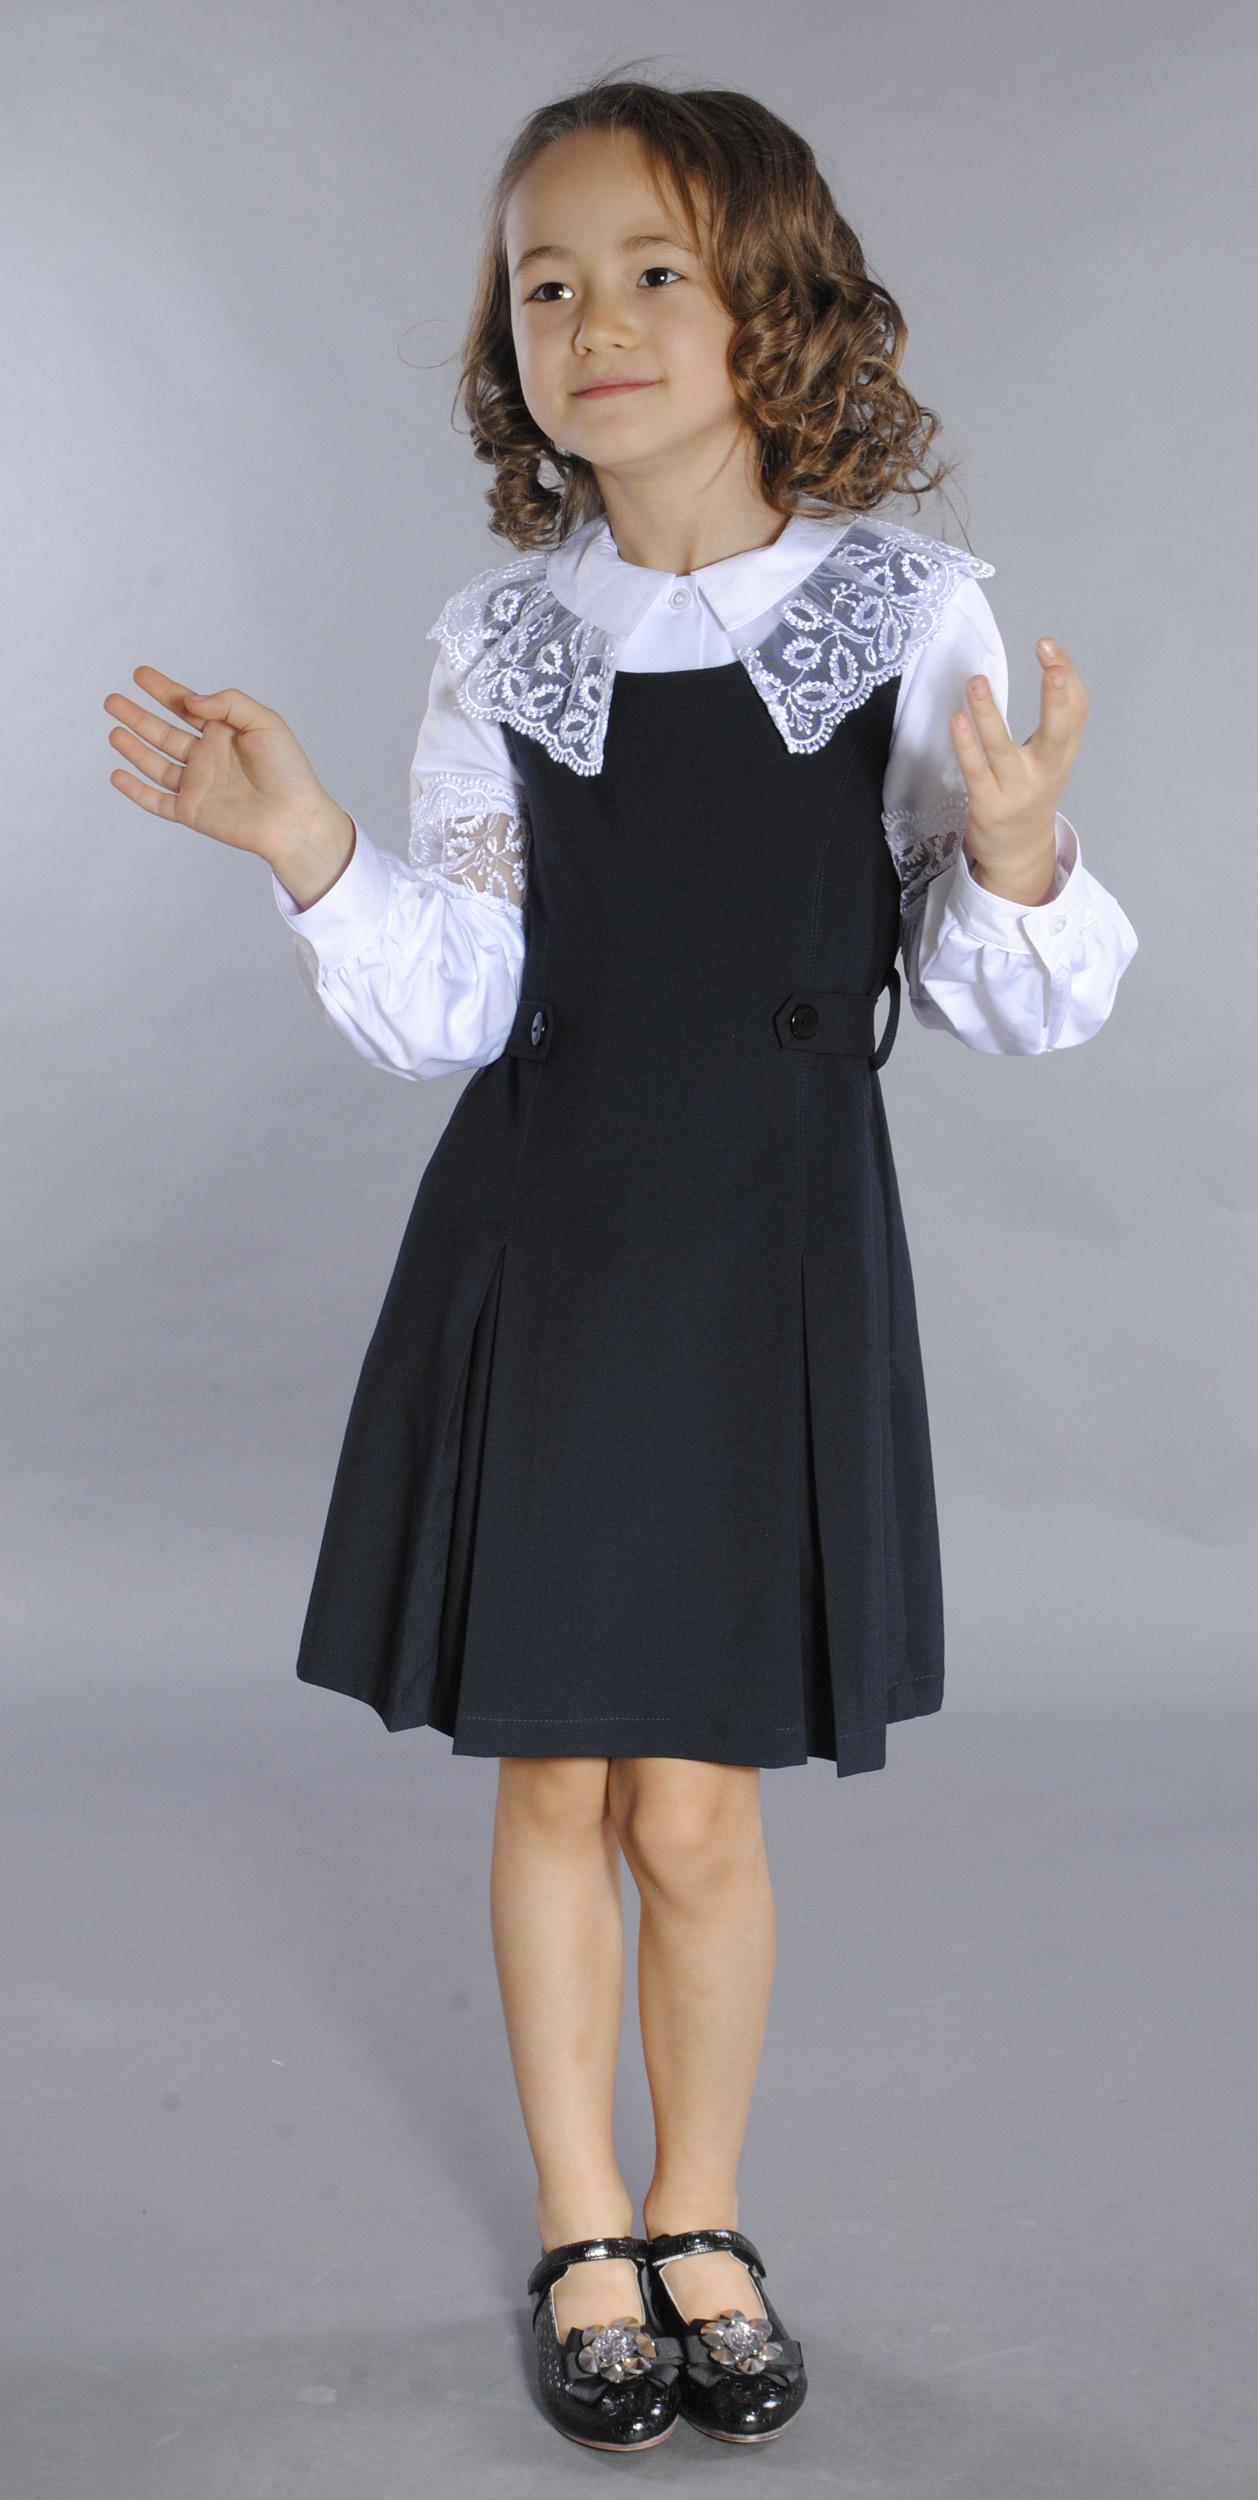 Школьная форма Флер де Ви и Милашка Сьюзи. Блузки, юбки, брюки, костюмы, сарафаны, жилеты, жакеты, кардиганы, рубашки. Выкуп 4